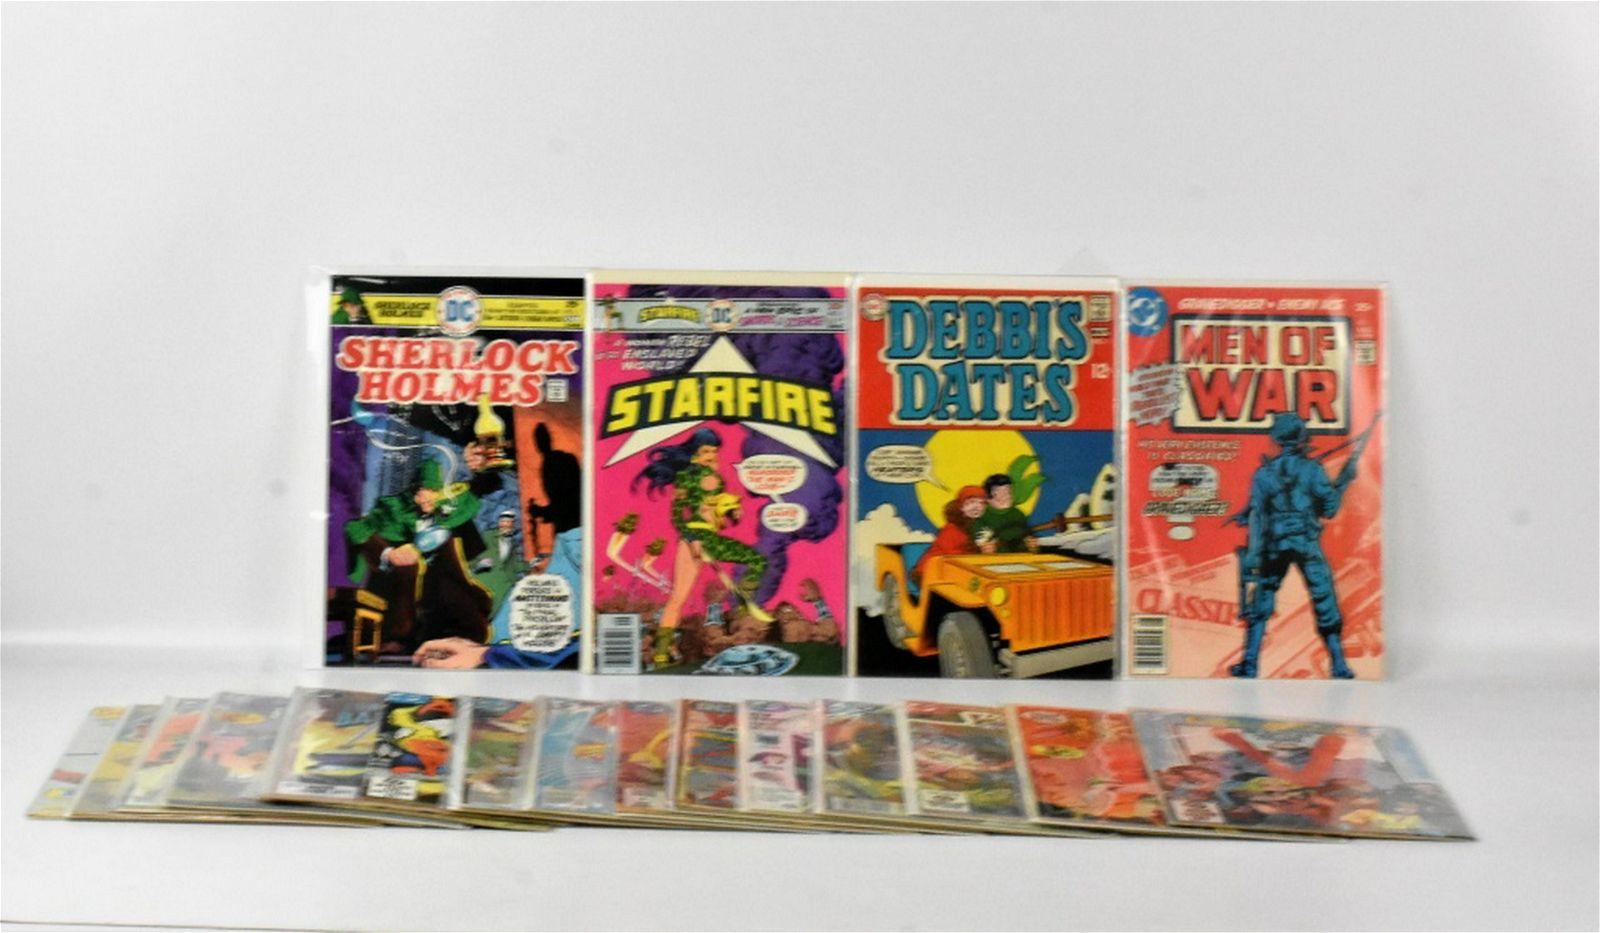 Silver, Bronze, And Copper Age DC #1 Comics